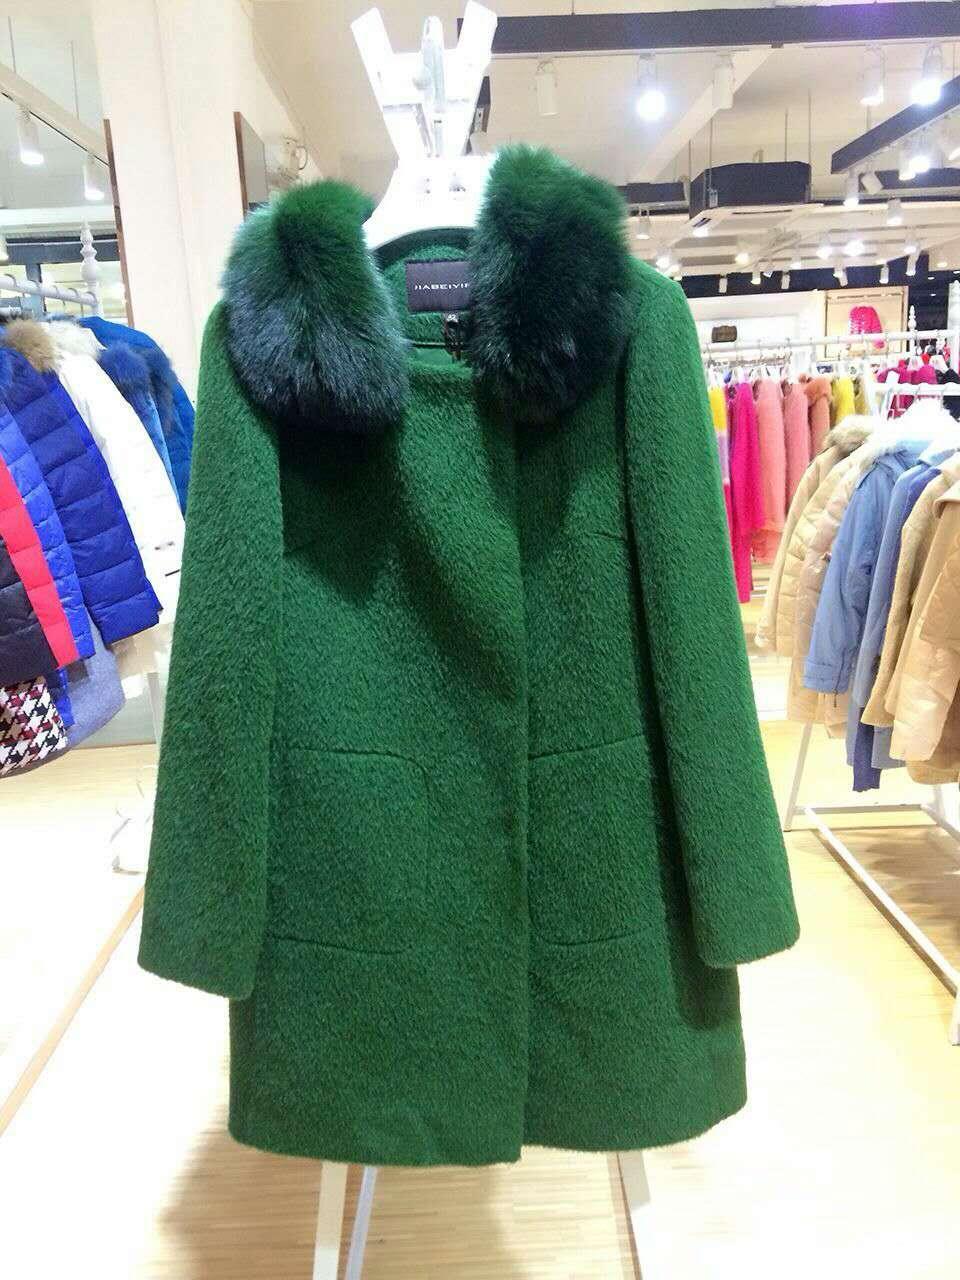 一线品牌嘉贝逸飞羊绒大衣,女装品牌折扣尾货